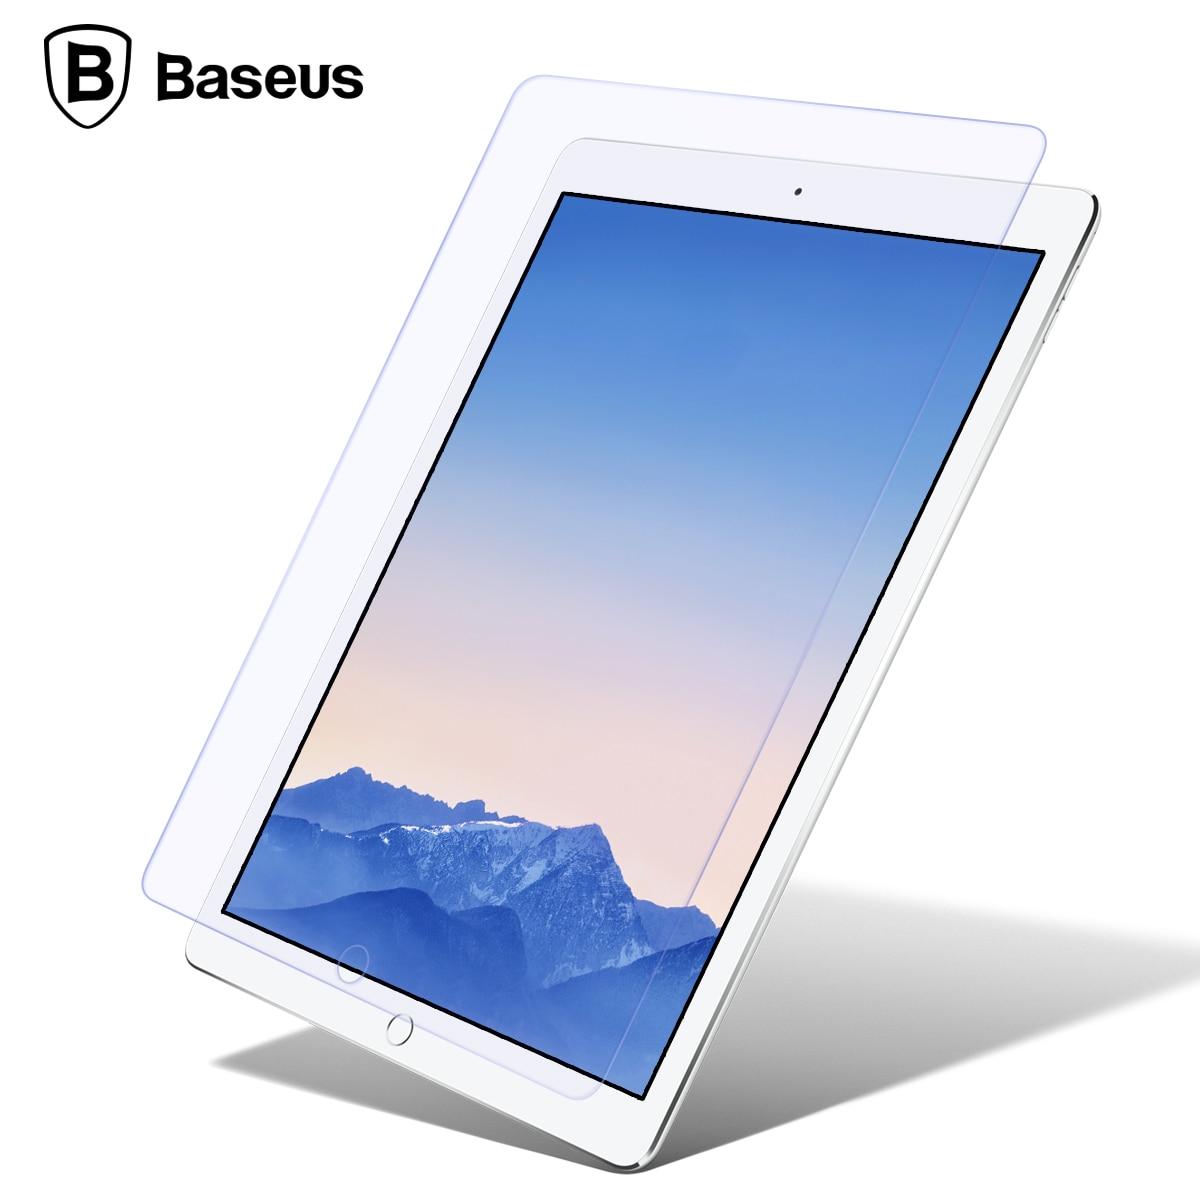 imágenes para De Baseus Pantalla Protector de Vidrio Templado Para iPad Pro 9.7 iPad Aire 2 1 Ultra Thin Templado Película De Vidrio Para el ipad 6 5 Cubierta Frontal